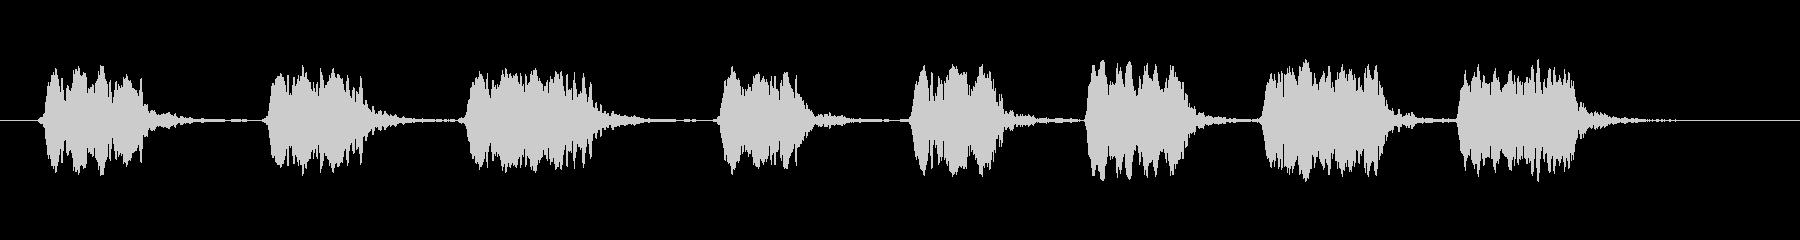 スモールメタルピーホイッスル:いく...の未再生の波形